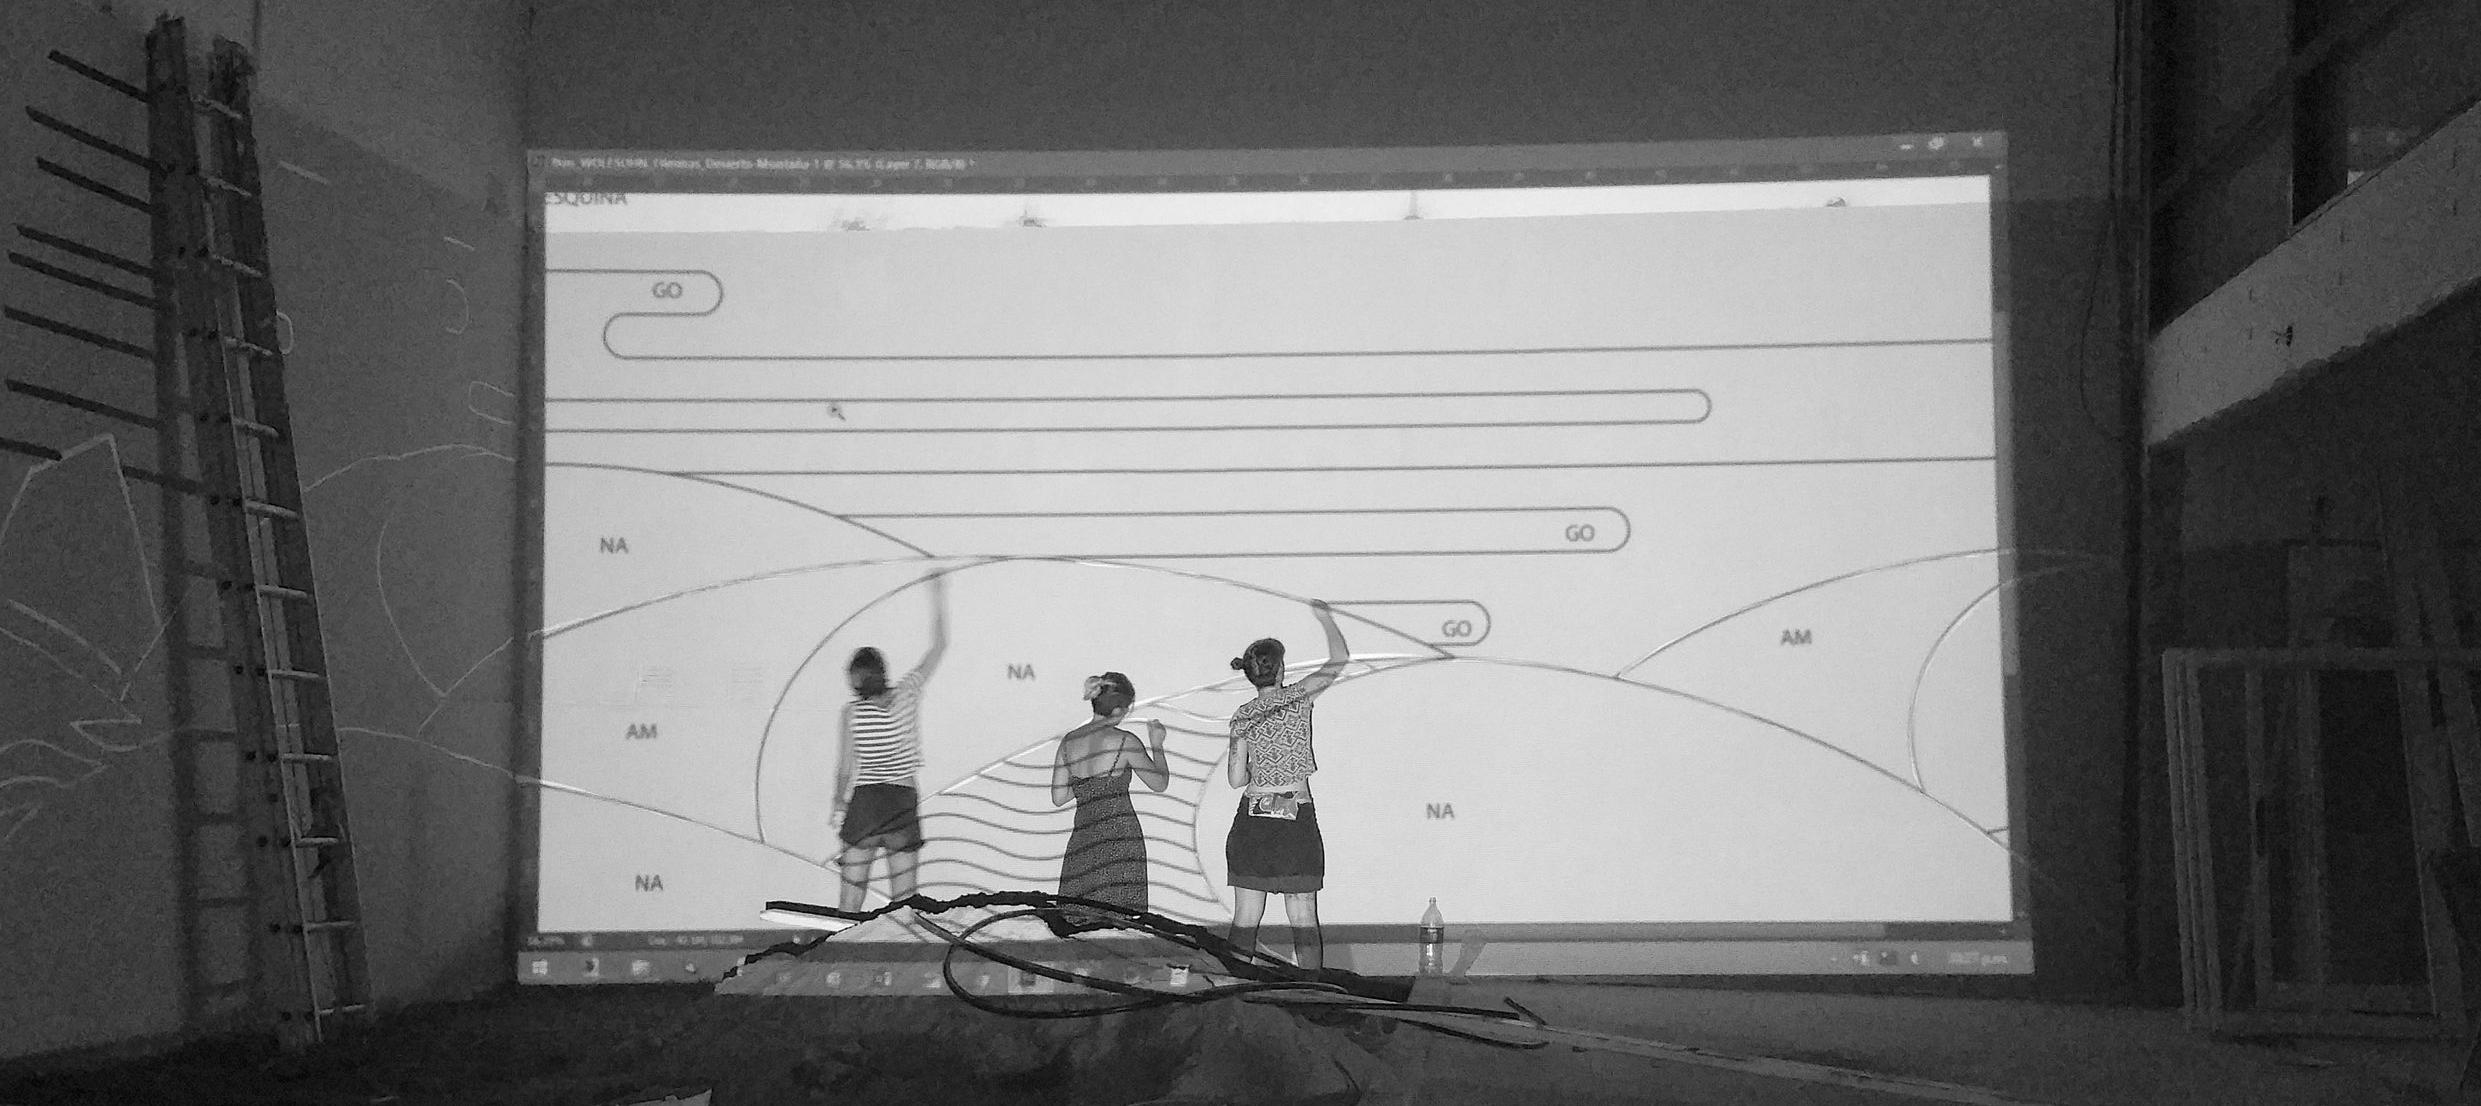 fluo mural.jpg